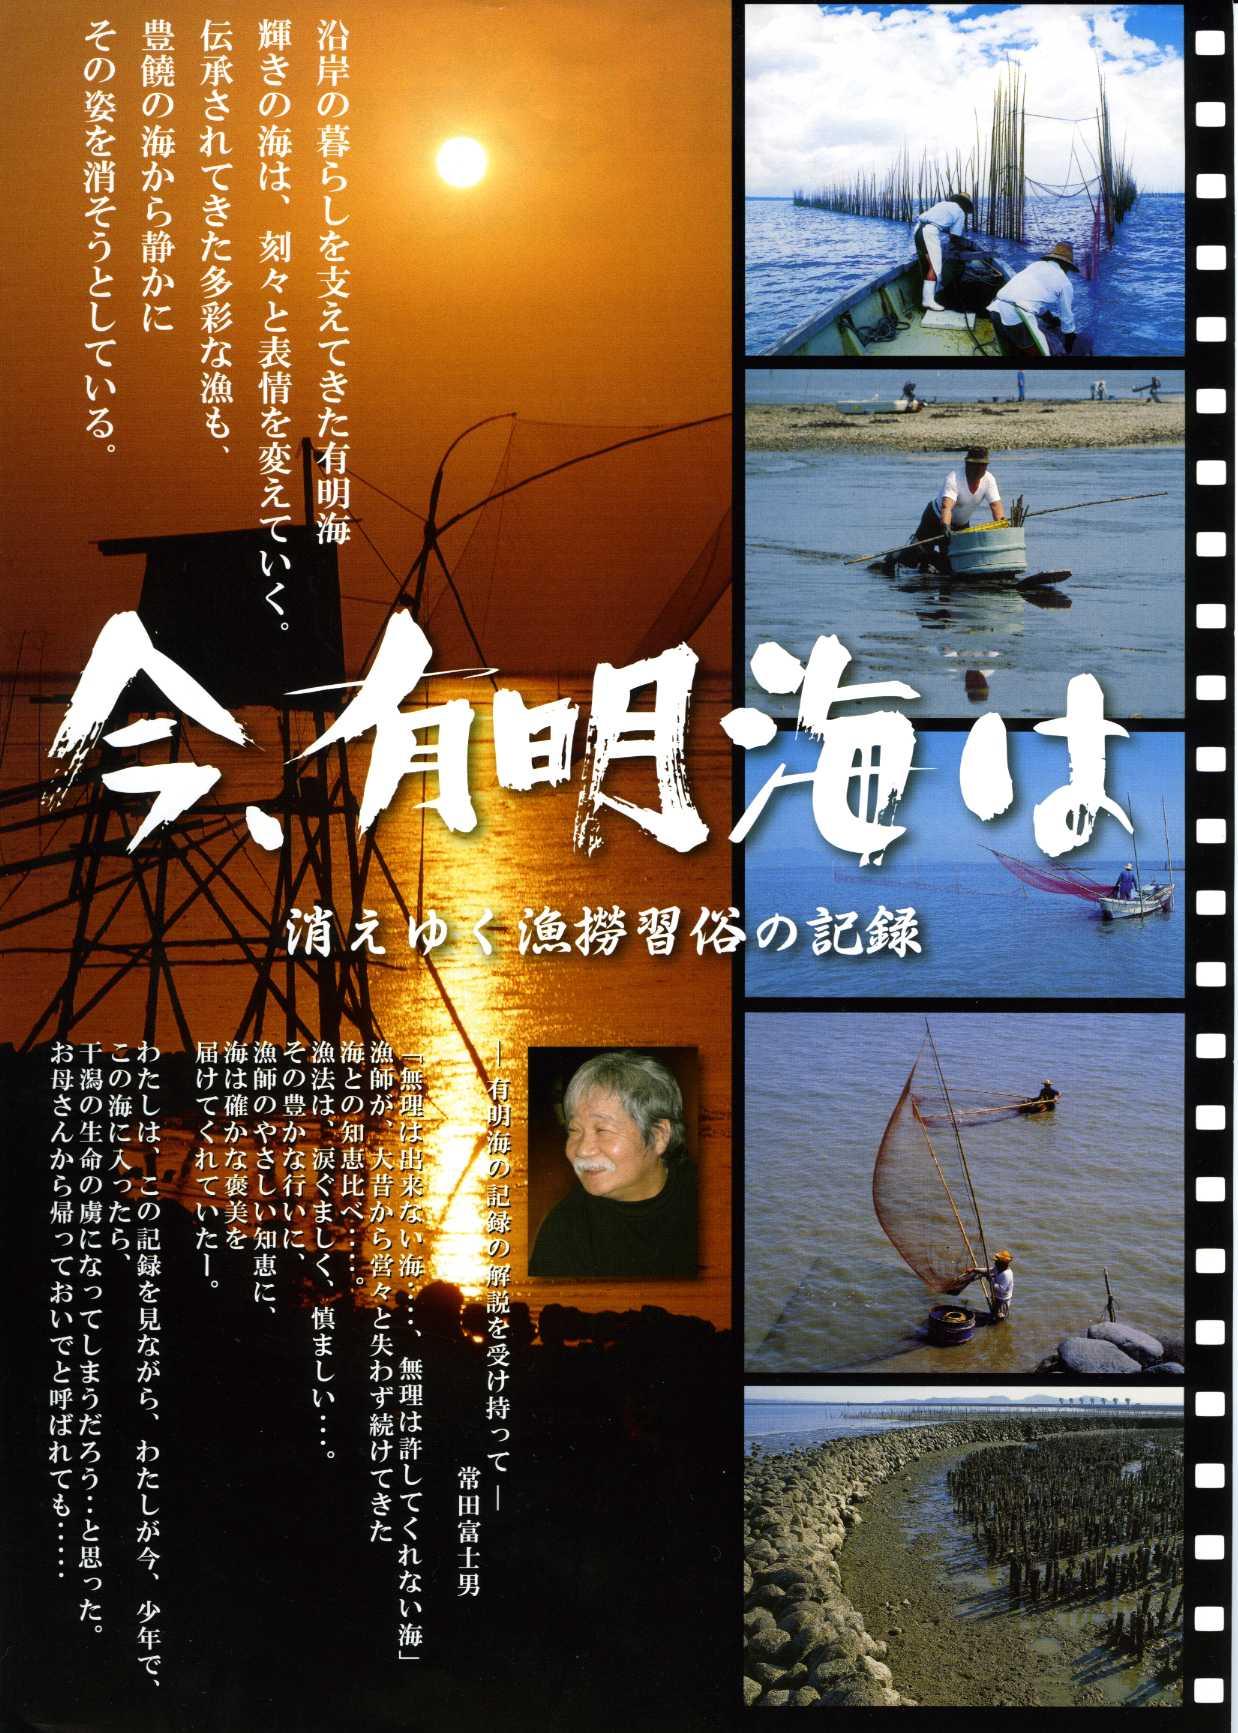 干潟観察会実現の方向 2006/5/21(22記)_c0052876_120747.jpg